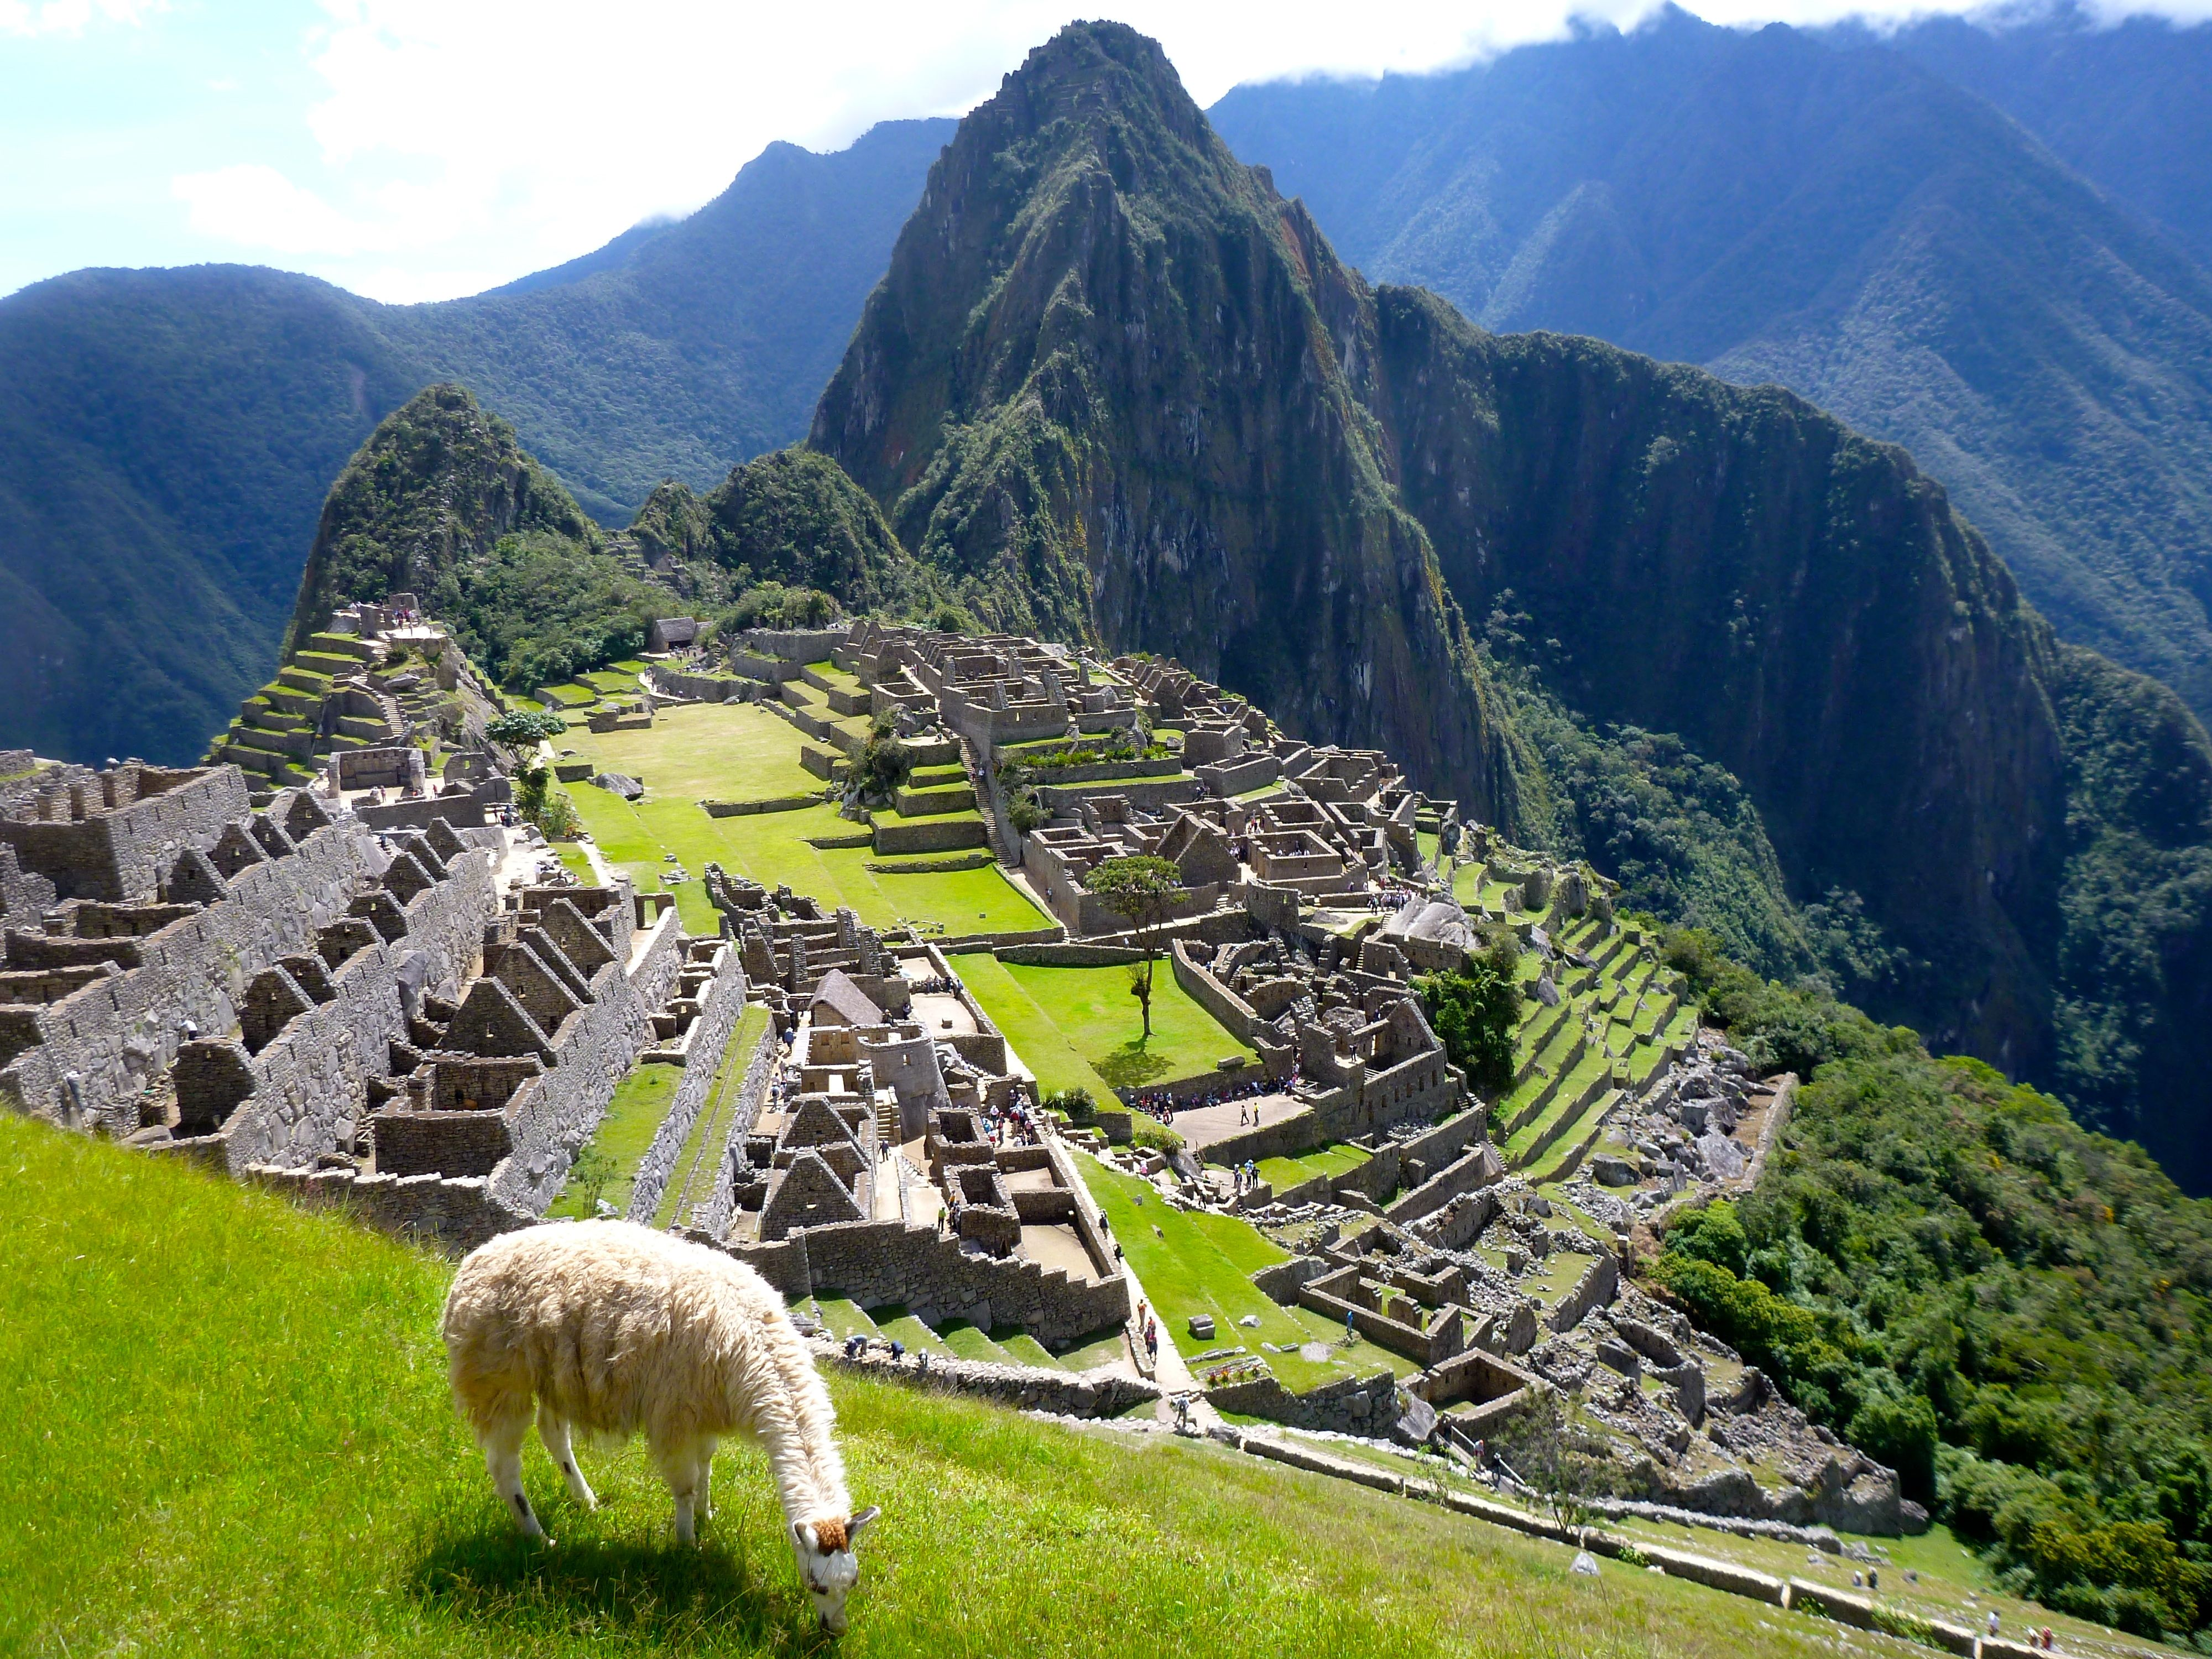 Jour 7 : Bref, aujourd'hui j'ai eu 30+8 ans au Machu Picchu !